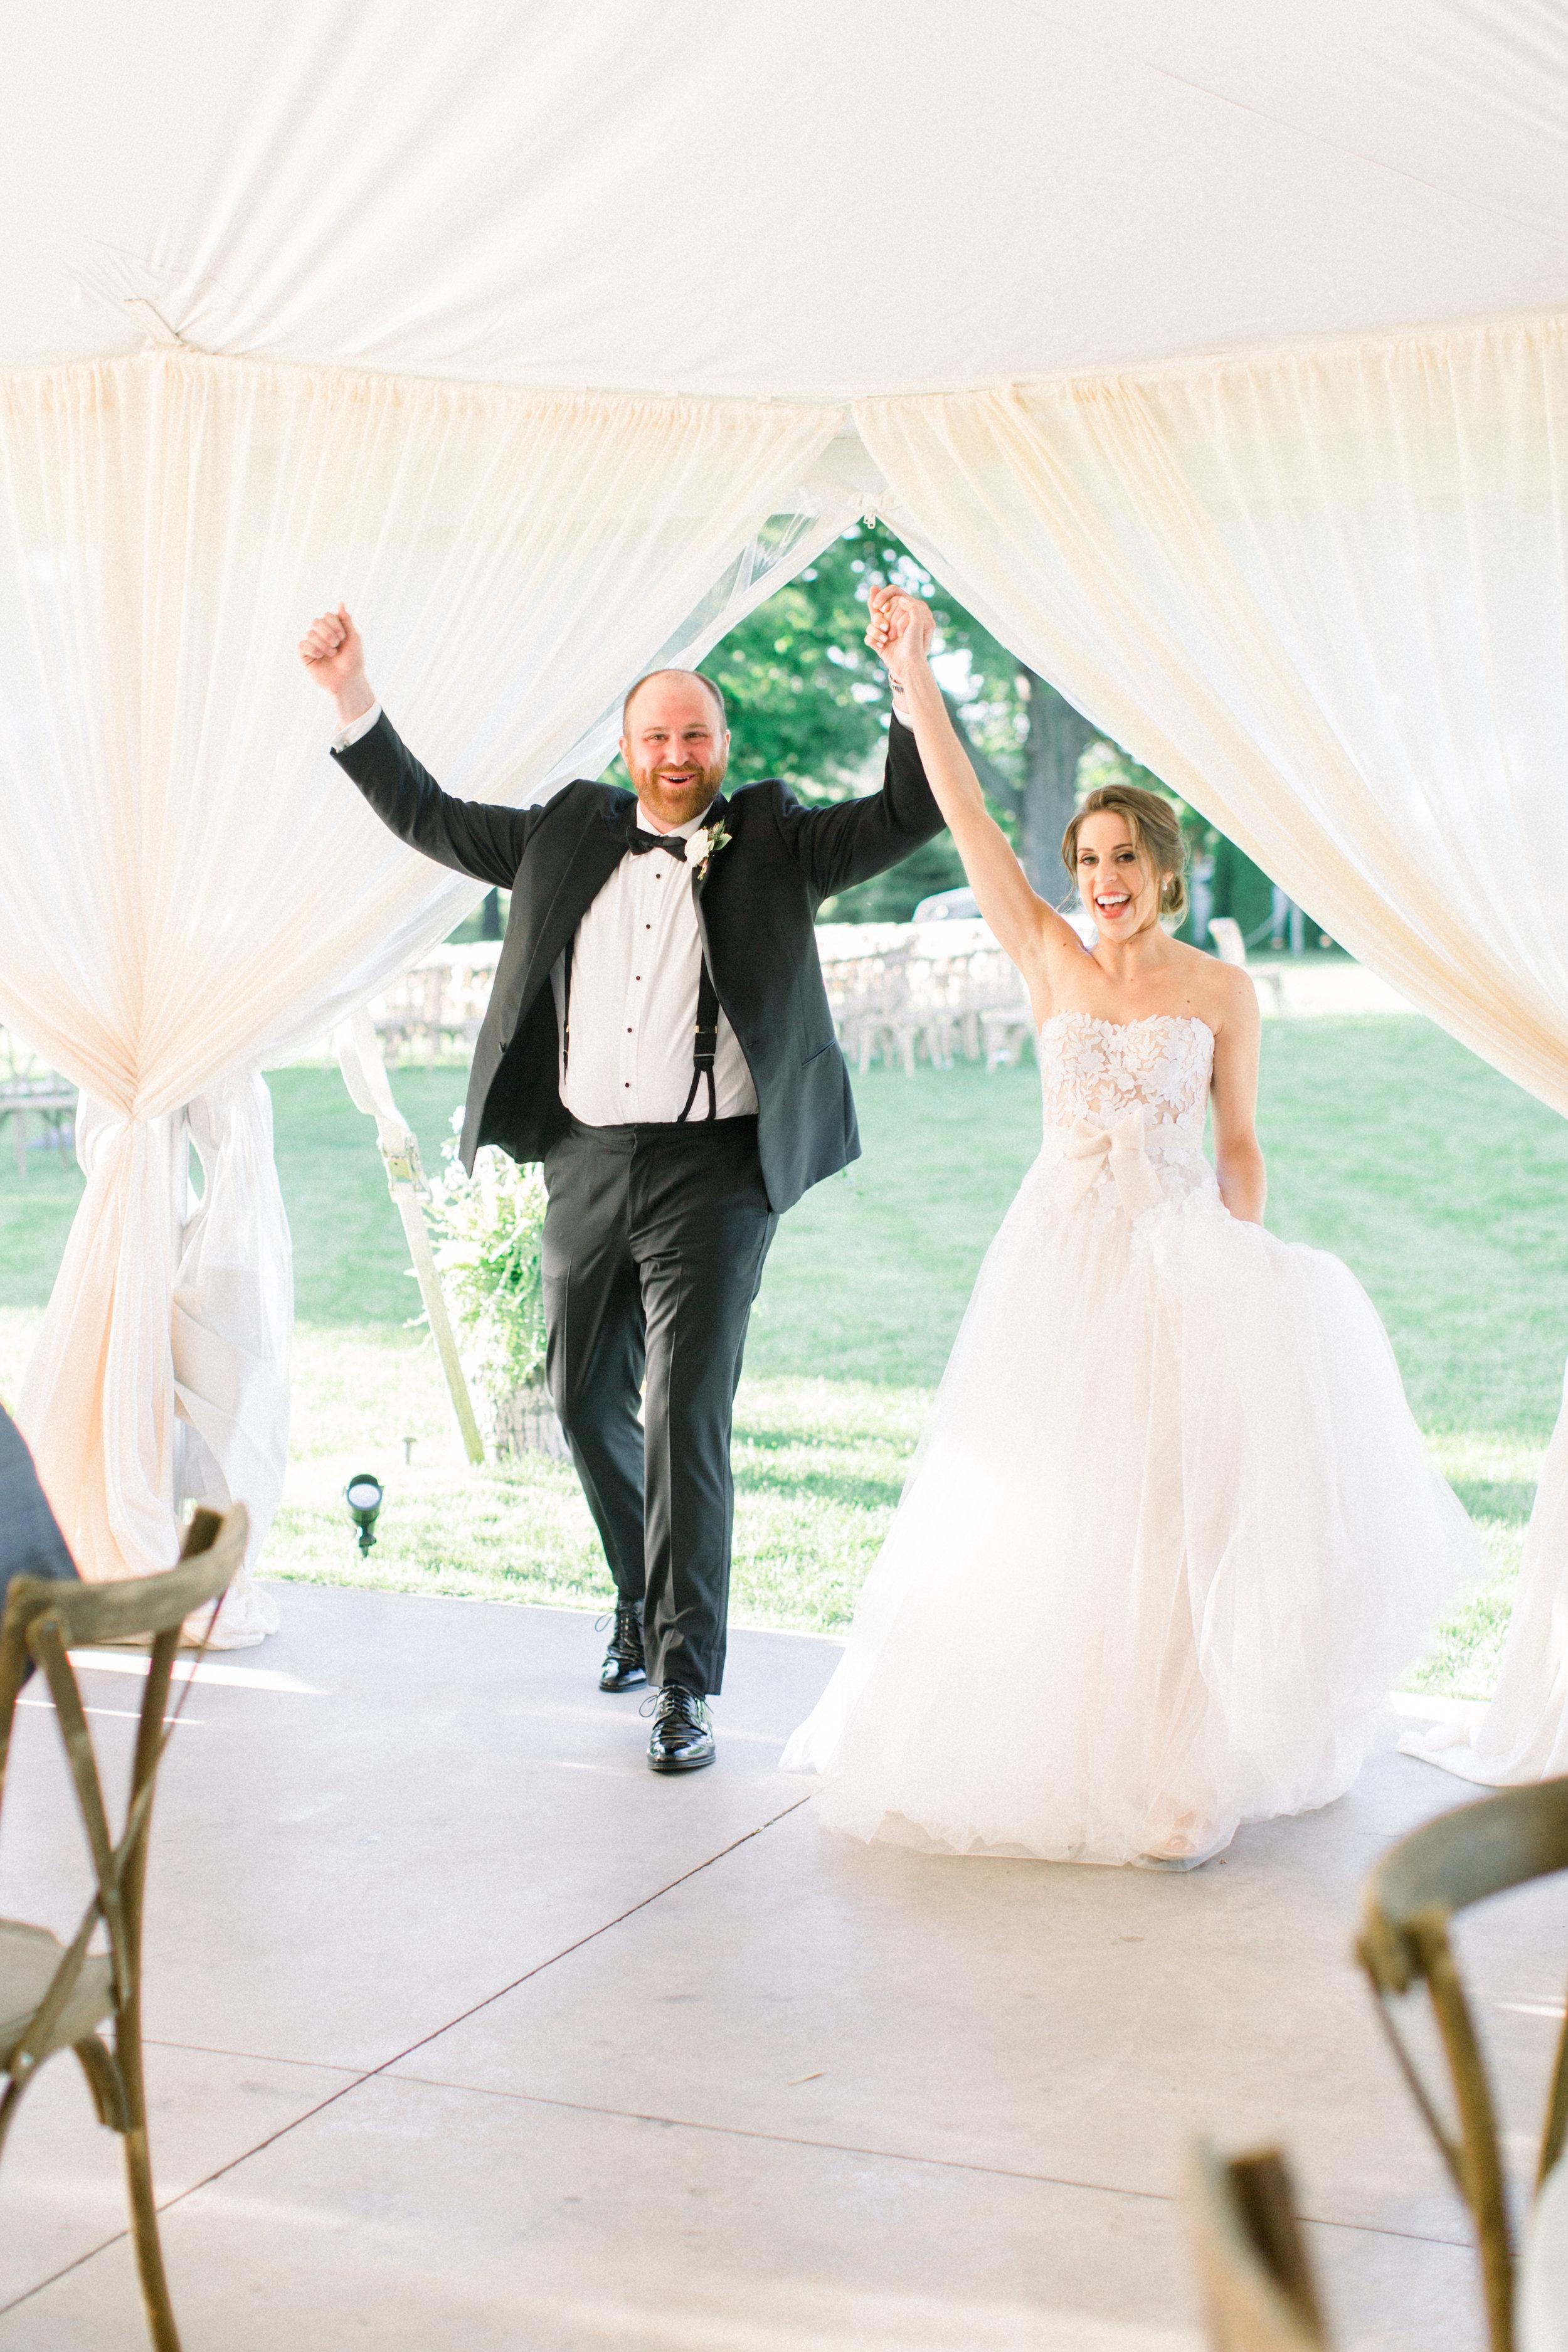 Steinlage+Wedding+Reception-51.jpg